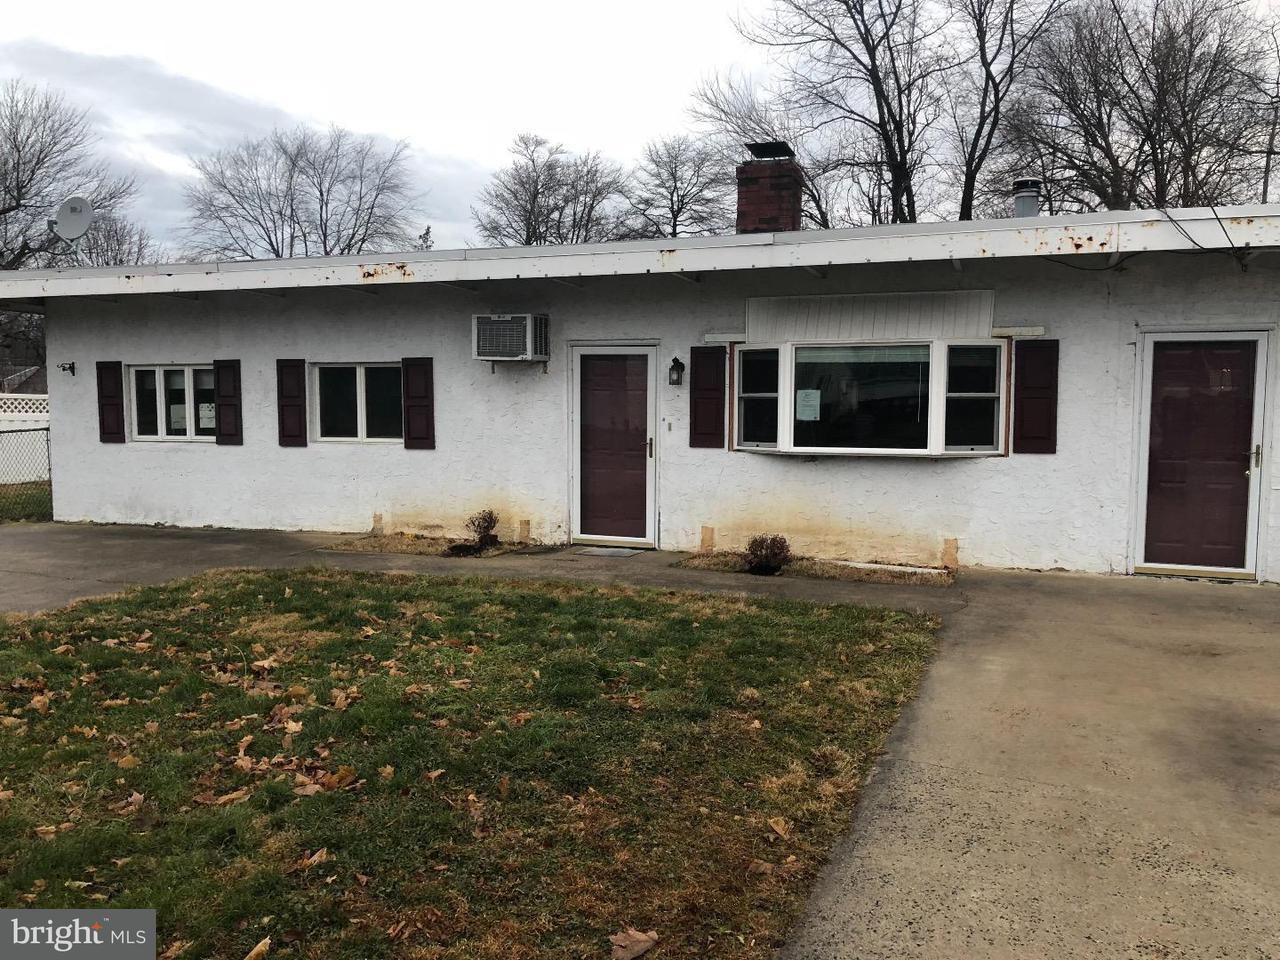 Частный односемейный дом для того Продажа на 825 MADISON Avenue Penndel, Пенсильвания 19047 Соединенные Штаты